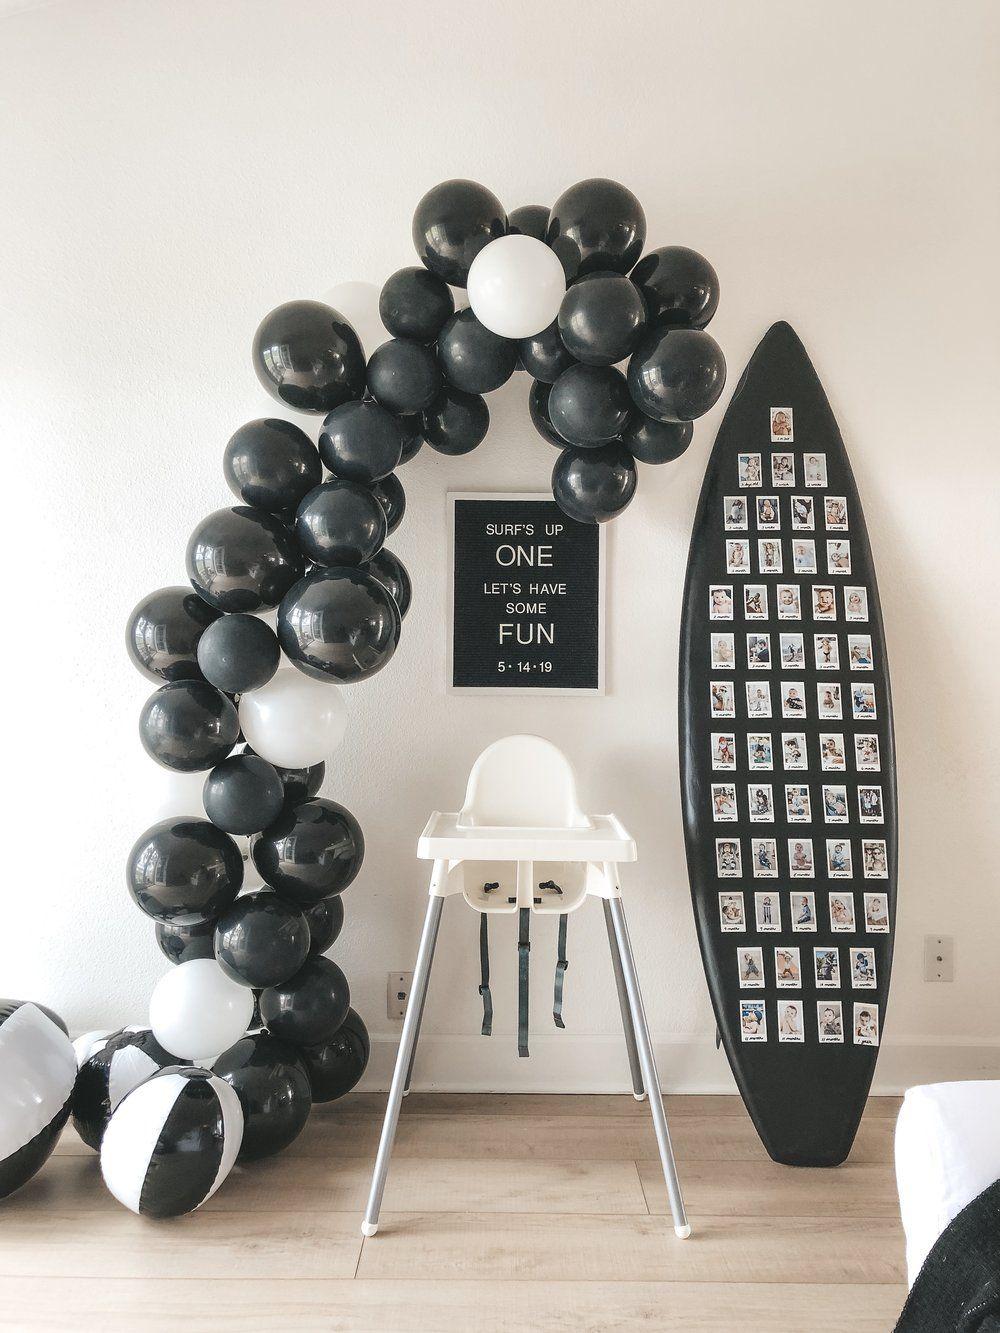 DIY BALLOON ARCH TIPS & TRICKS Balloon diy, Birthday